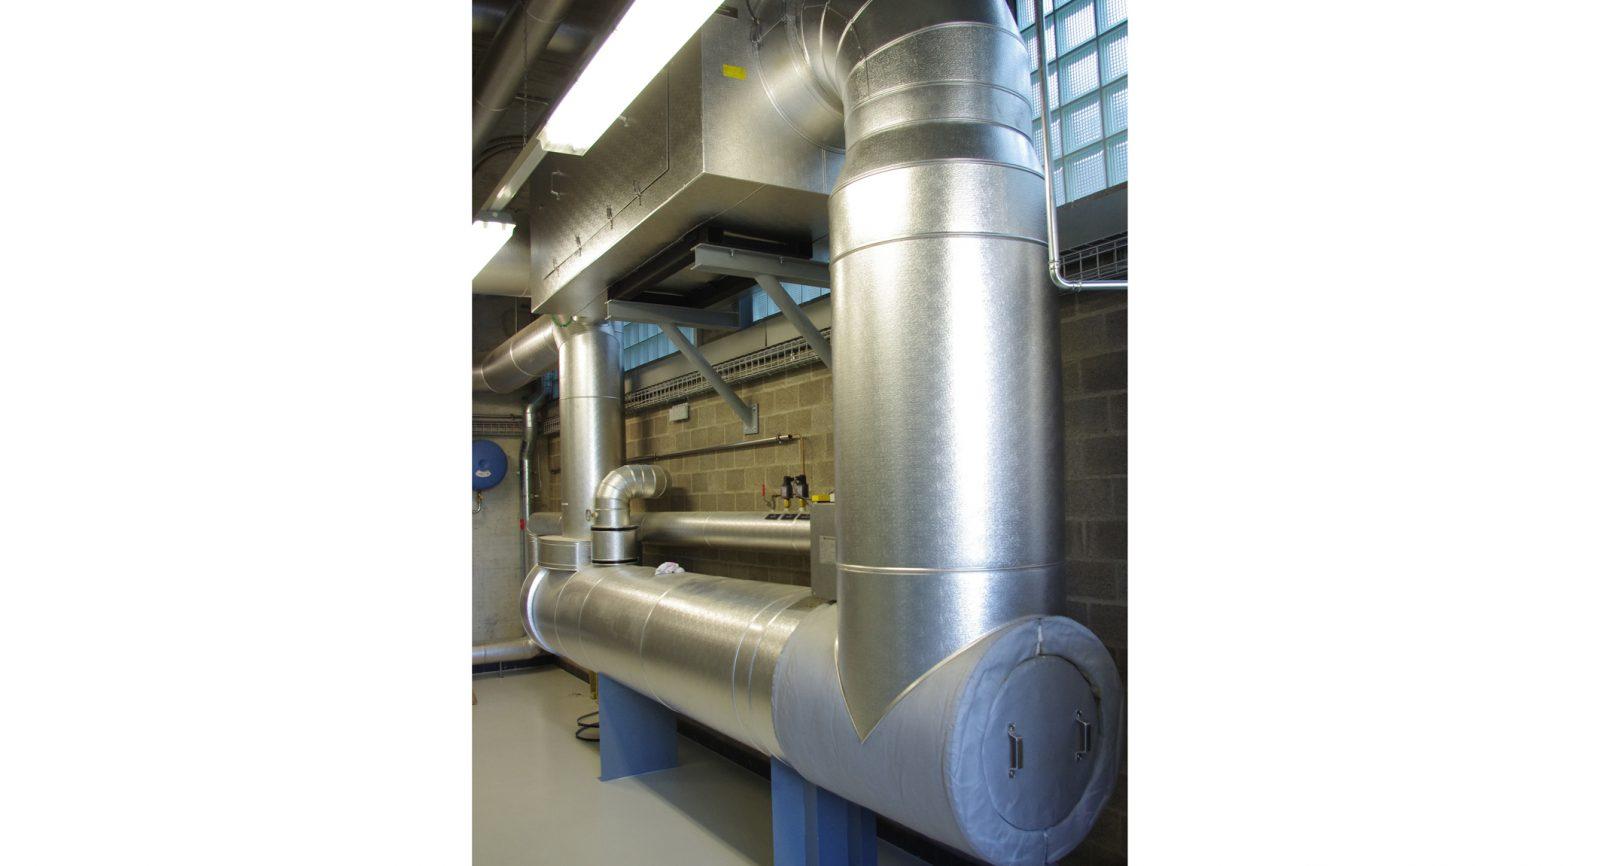 Optimale Wärmenutzung sowie eine Abgasreinigung nach modernsten Standards sind Bestandteil der er-neuerten BHKW-Anlage.